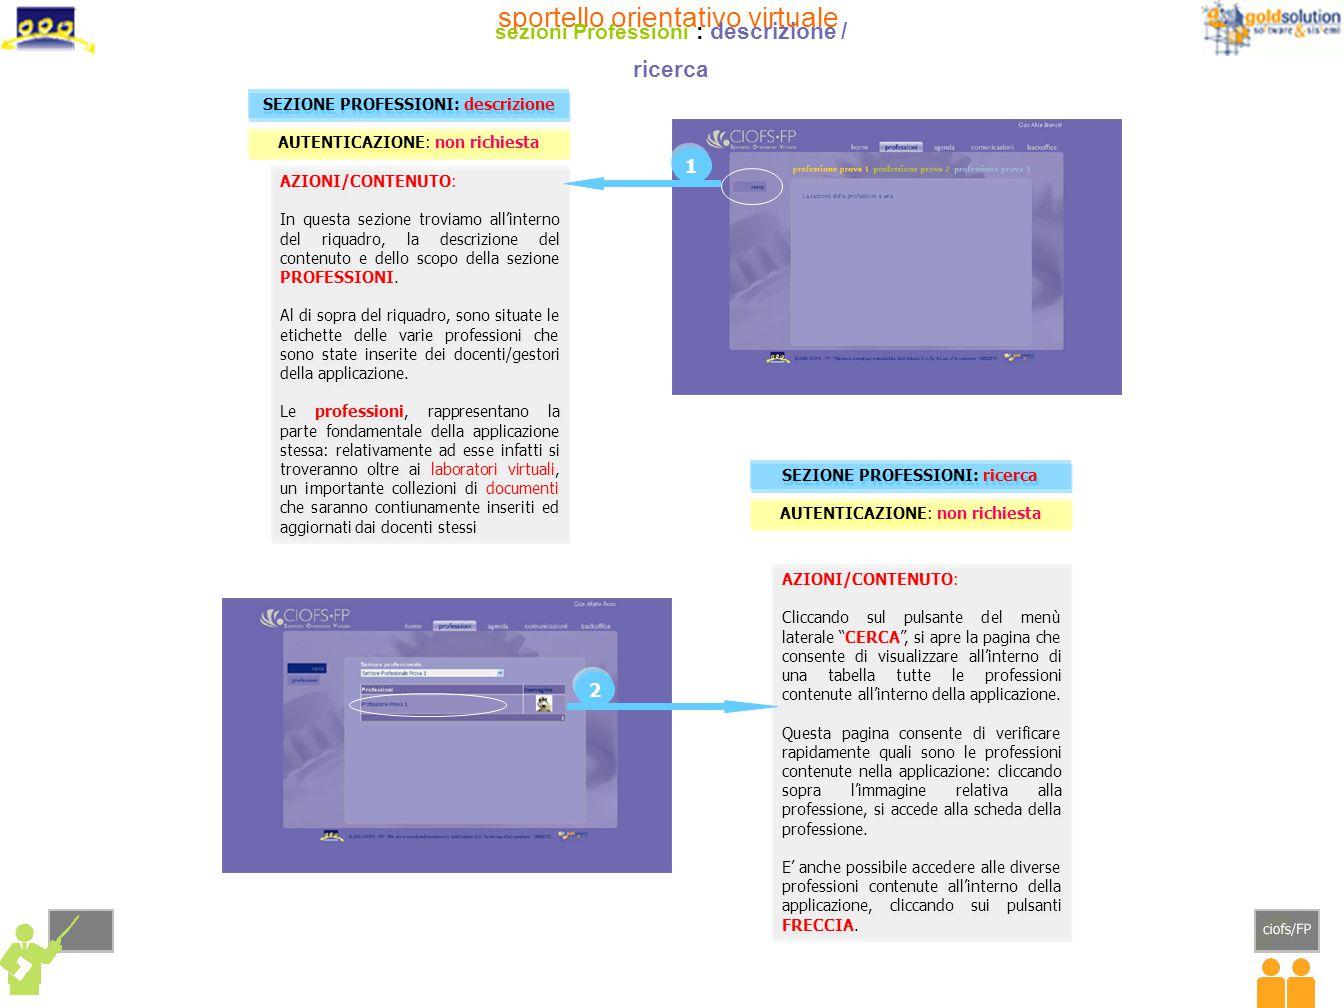 AZIONI/CONTENUTO: Cliccando sul nome di una professione si apre la scheda relativa a quella professione.